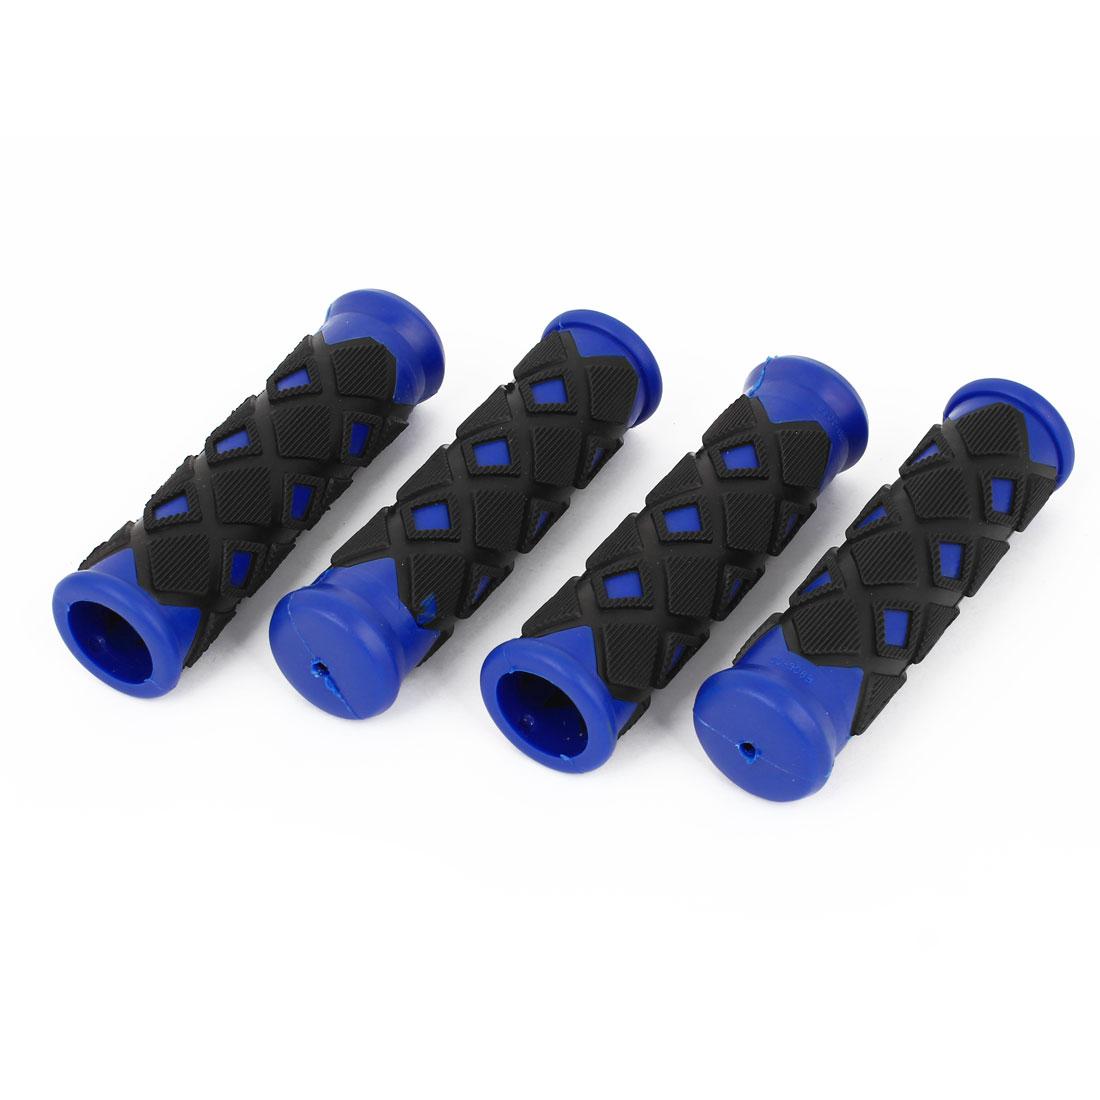 Lozenge Design Nonslip Rubber Bike Handlebar Hand Grip Cover Black Blue 4 Pcs